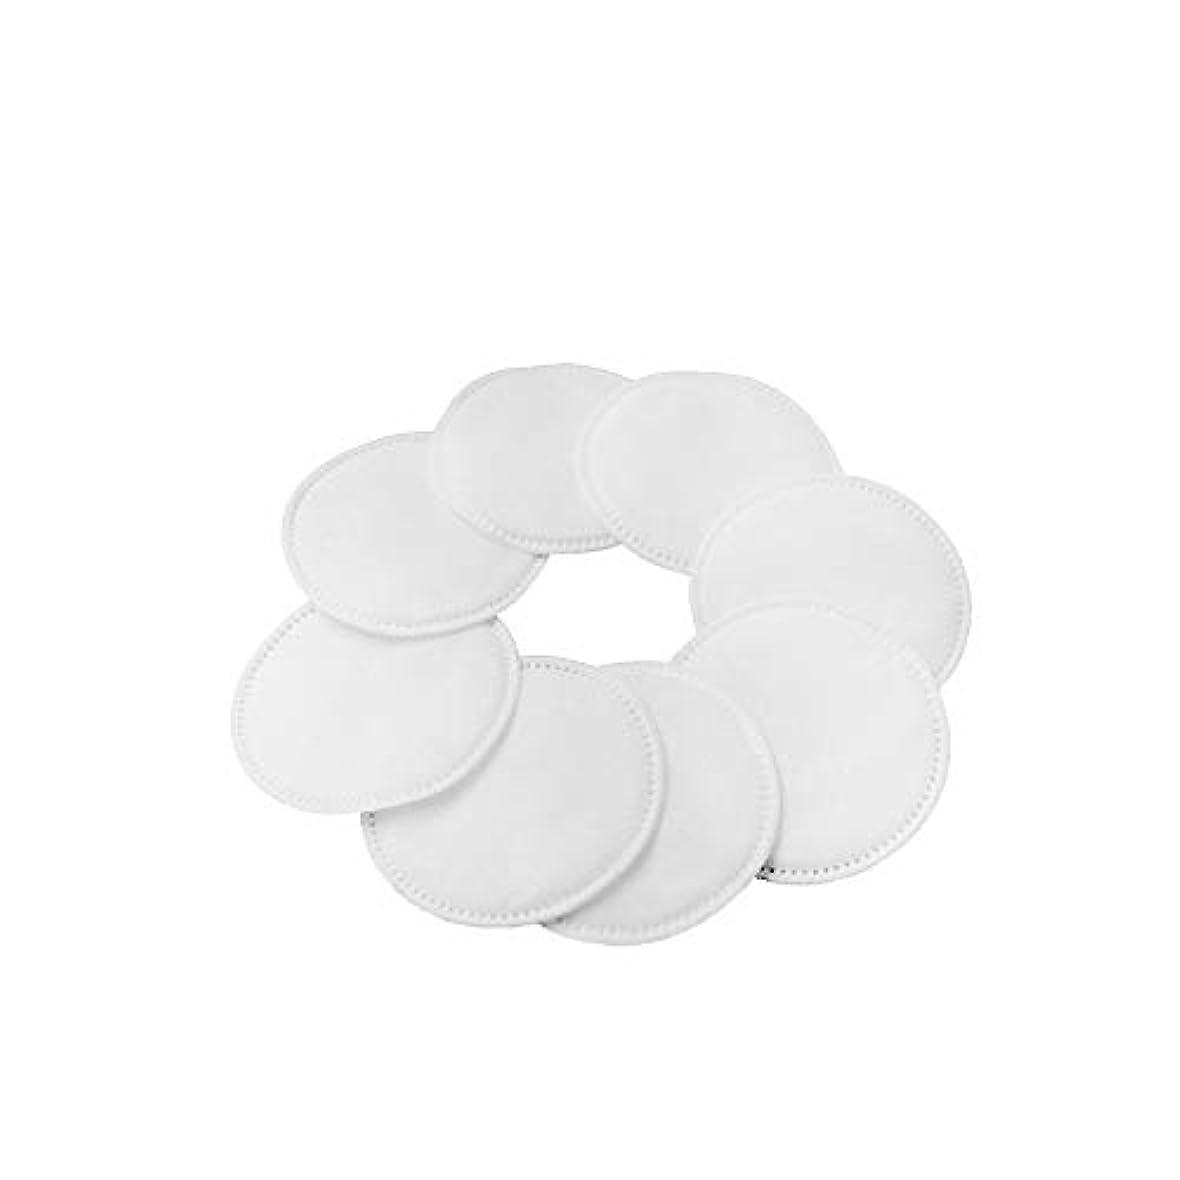 容器信仰キャビンAmyou 再利用可能なメイクアップリムーバーパッド、洗濯可能な竹の綿の授乳クッション、洗濯毛布、ソフトとフェイススキンケアウォッシュ布袋 - フェイスワイプ/アイクリエーション